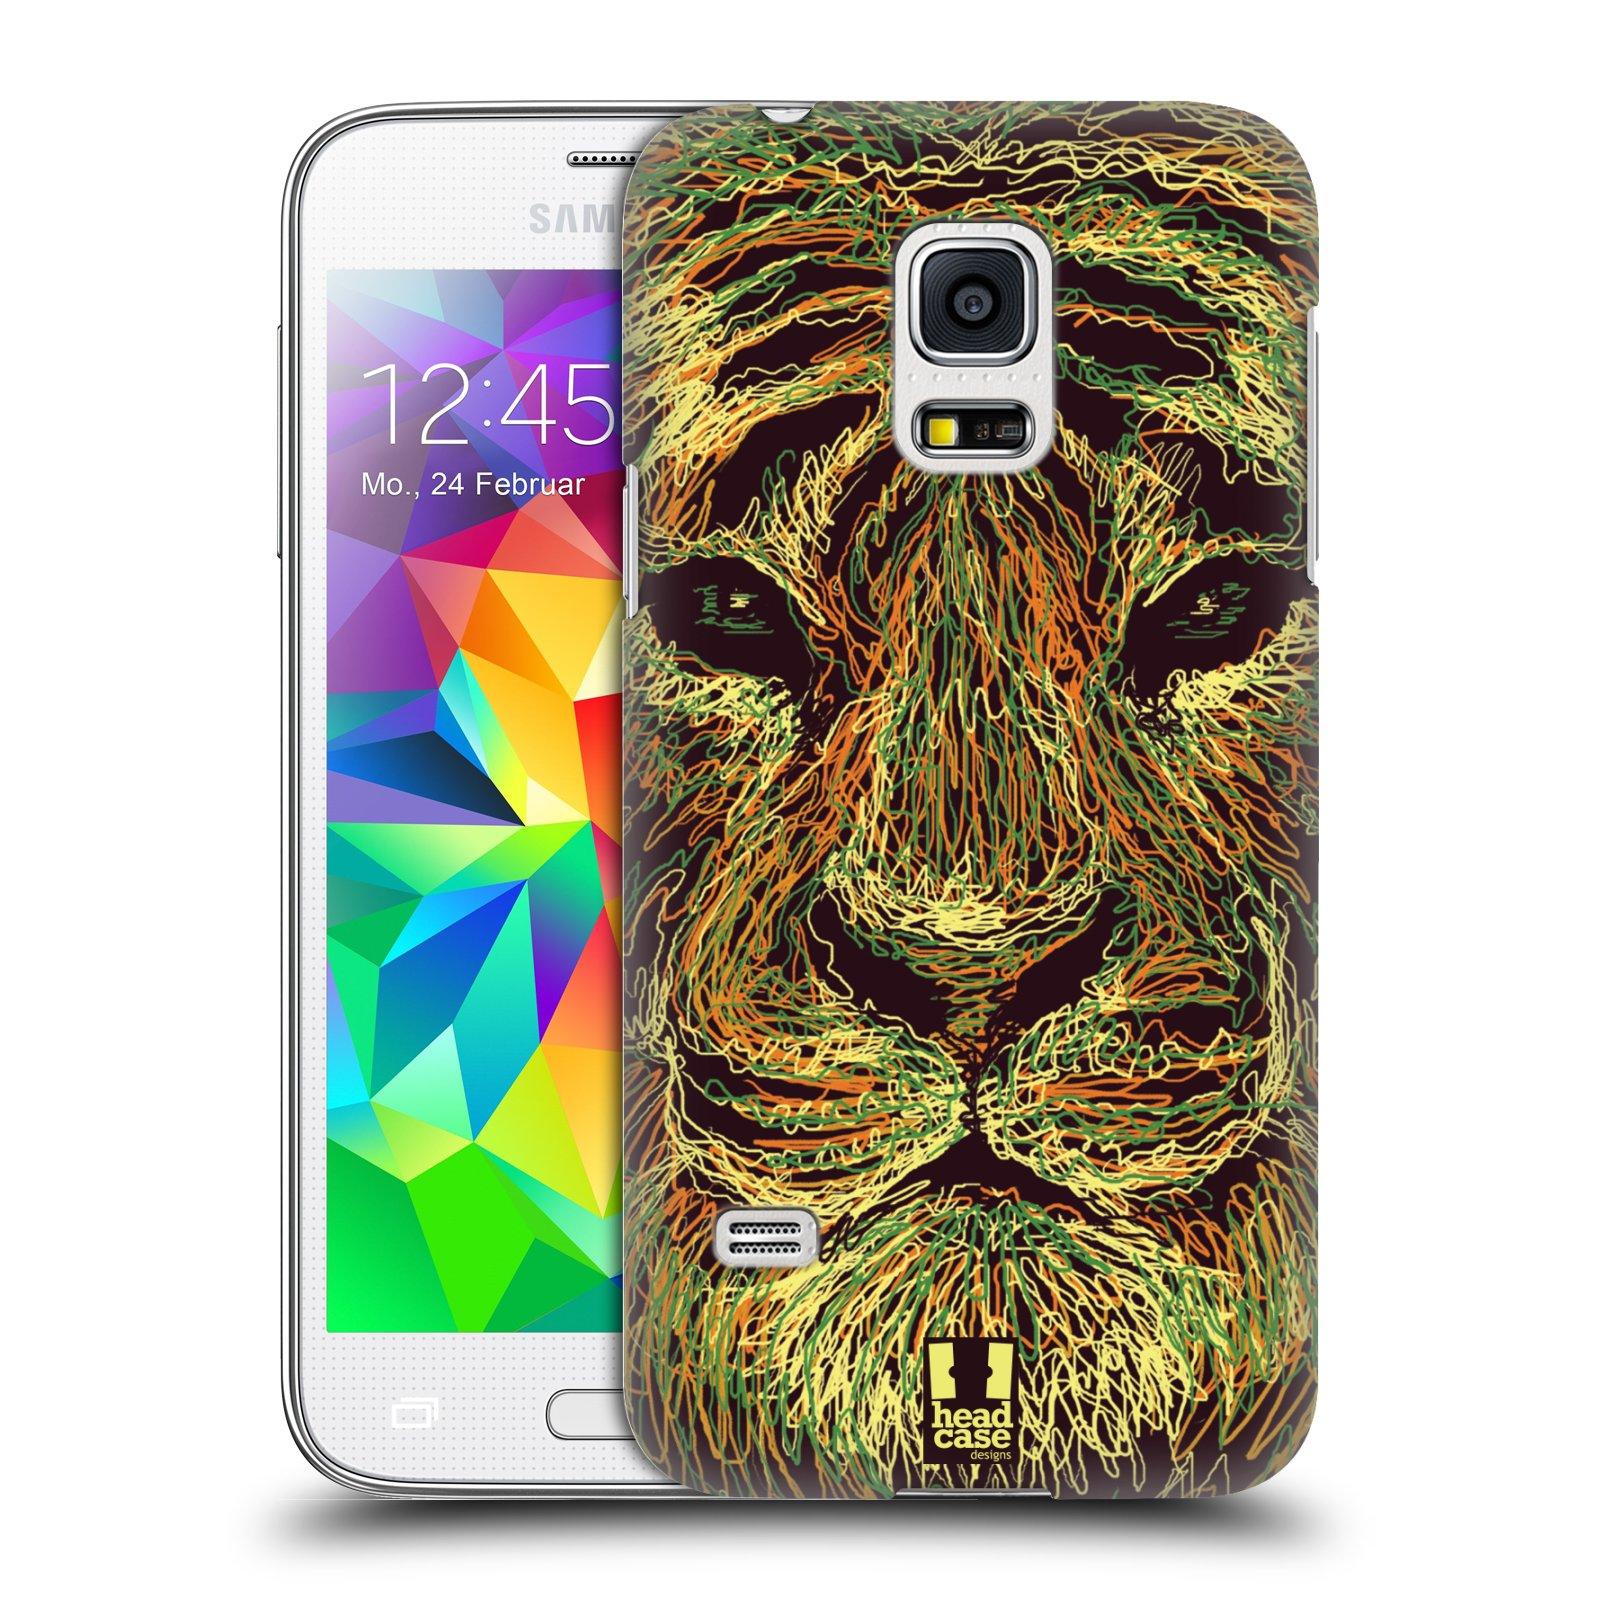 HEAD CASE plastový obal na mobil SAMSUNG Galaxy S5 MINI / S5 MINI DUOS vzor zvíře čmáranice tygr